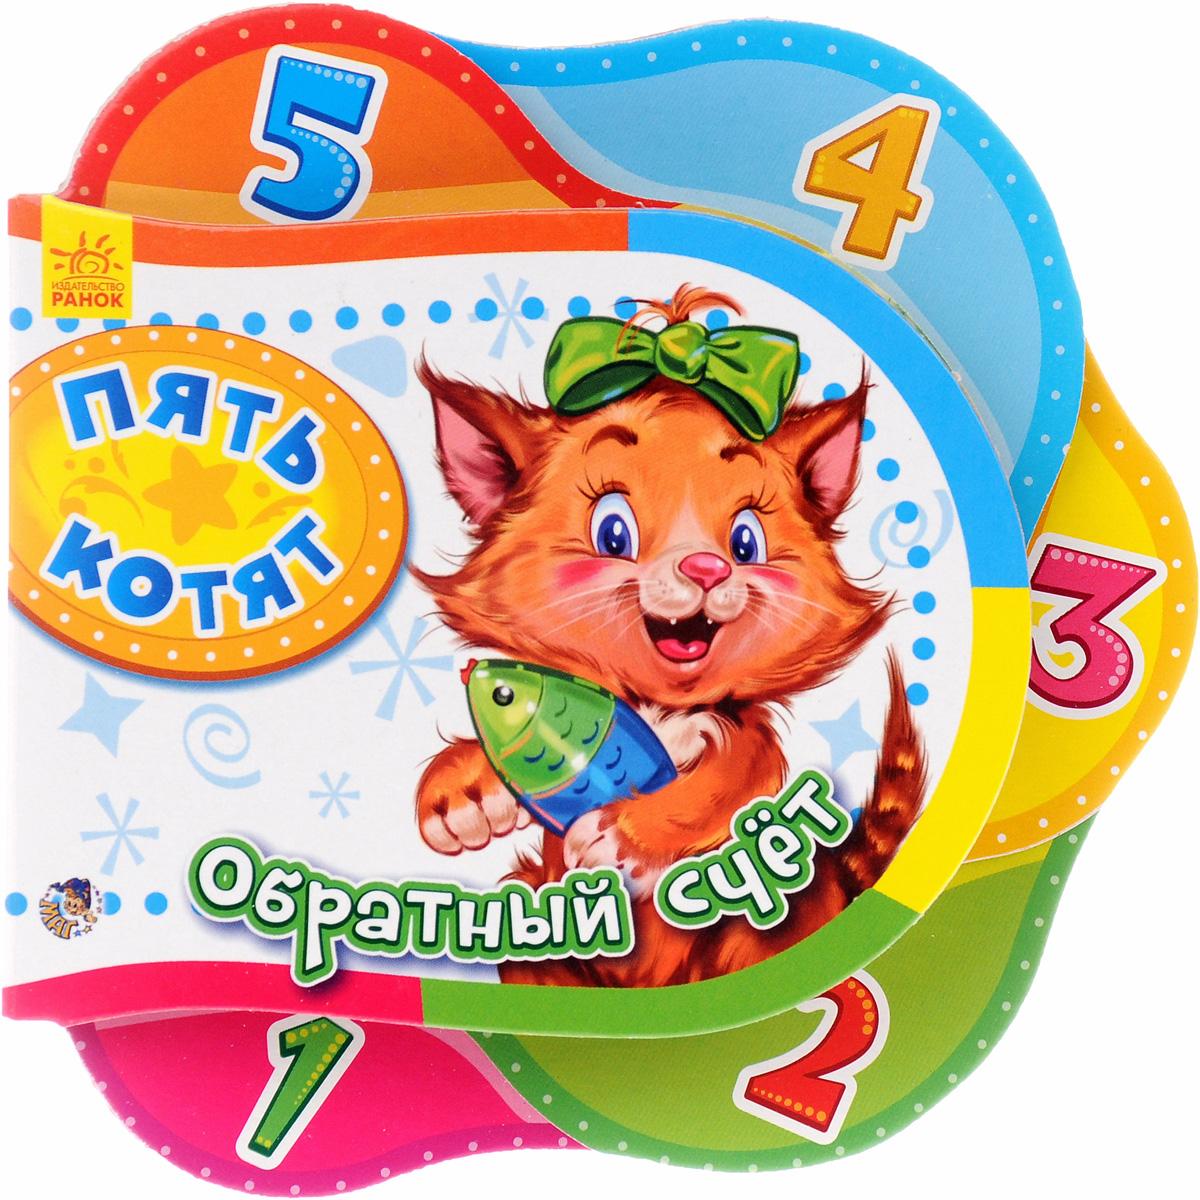 Ирина Солнышко Пять котят. Обратный счет ирина солнышко зверята в деревне